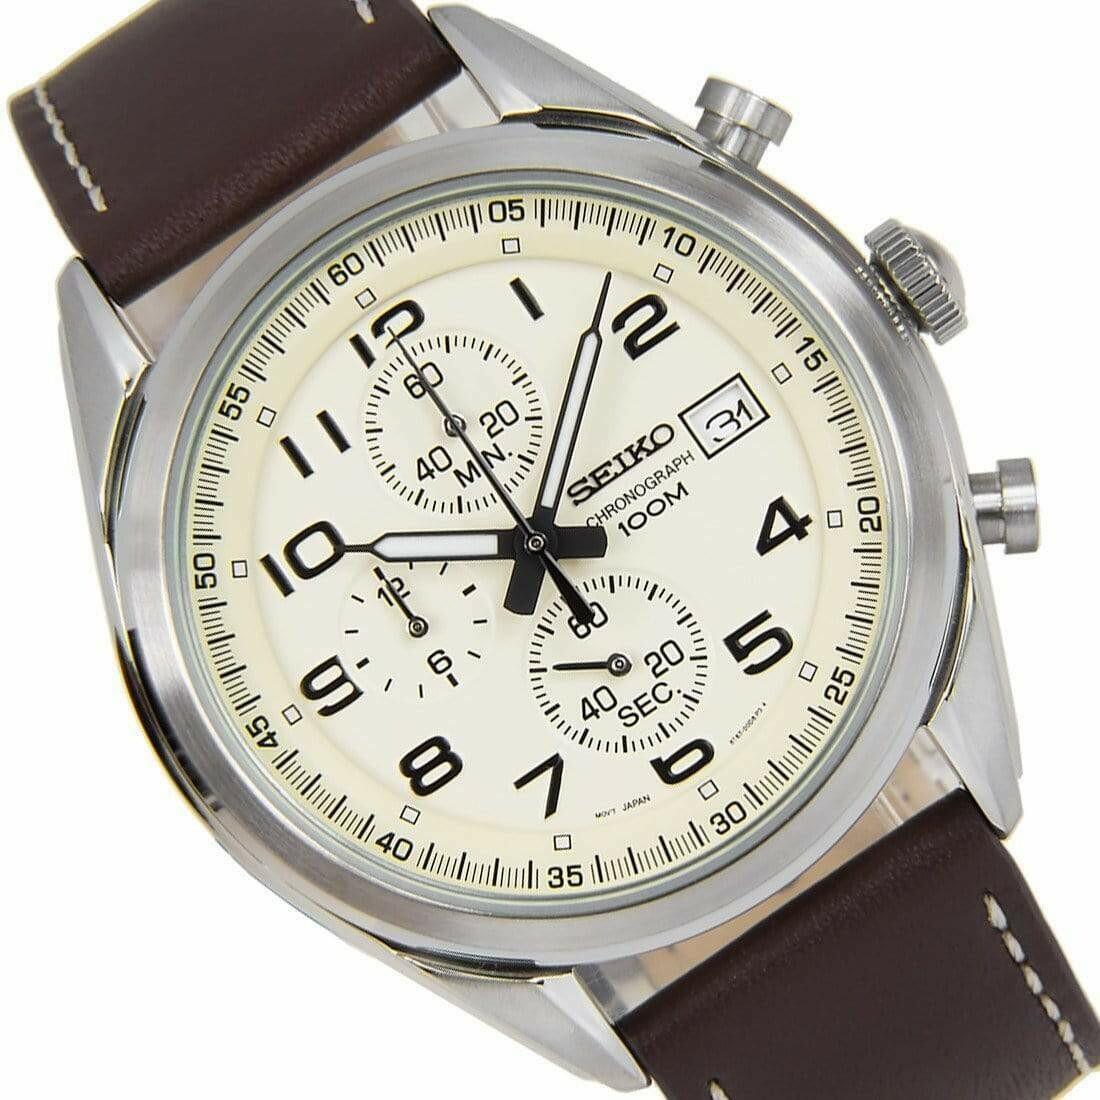 Reloj Deportivo hombre Seiko Neosports SSB273P1 dial beige 45mm correa cuero 100m water resist